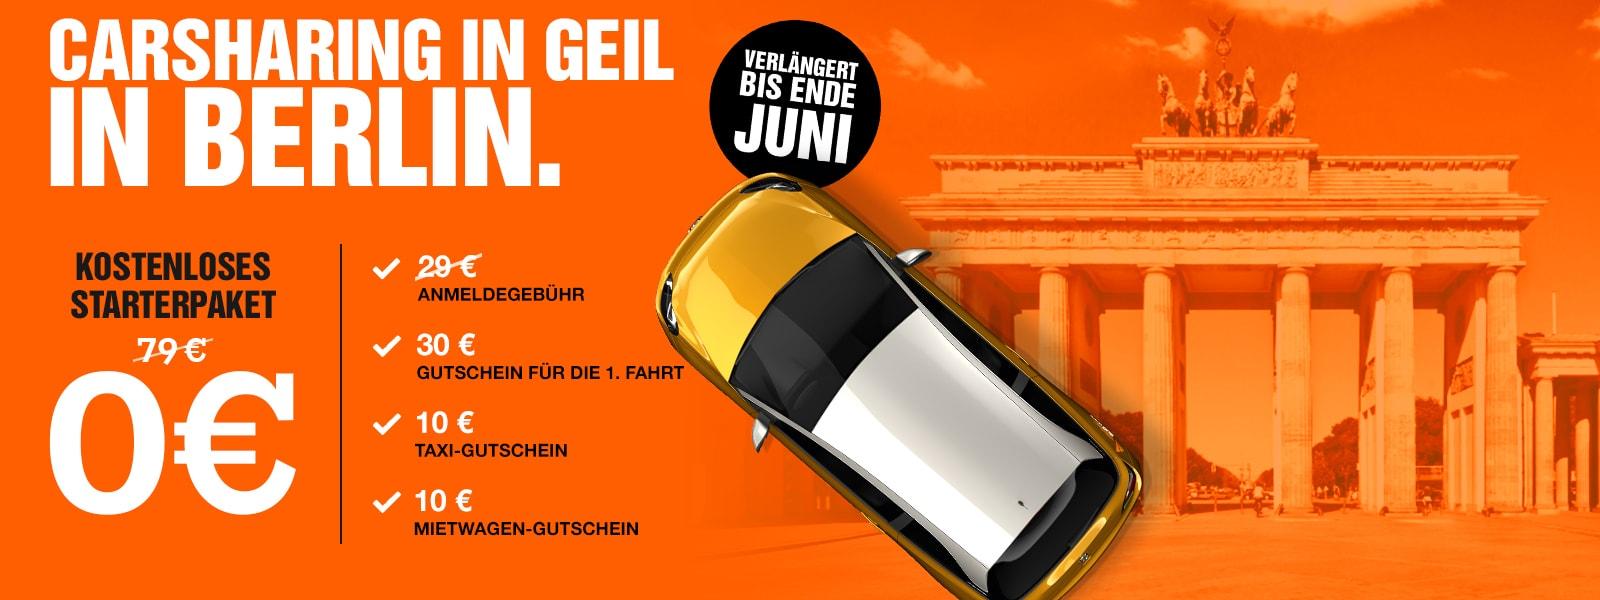 Kostenloses Starterpaket für SIXT SHARE HH, B, M (Keine Anmeldegebühr, 30€ Gutschein, 10€ Taxi- & Mietwagengutschein)